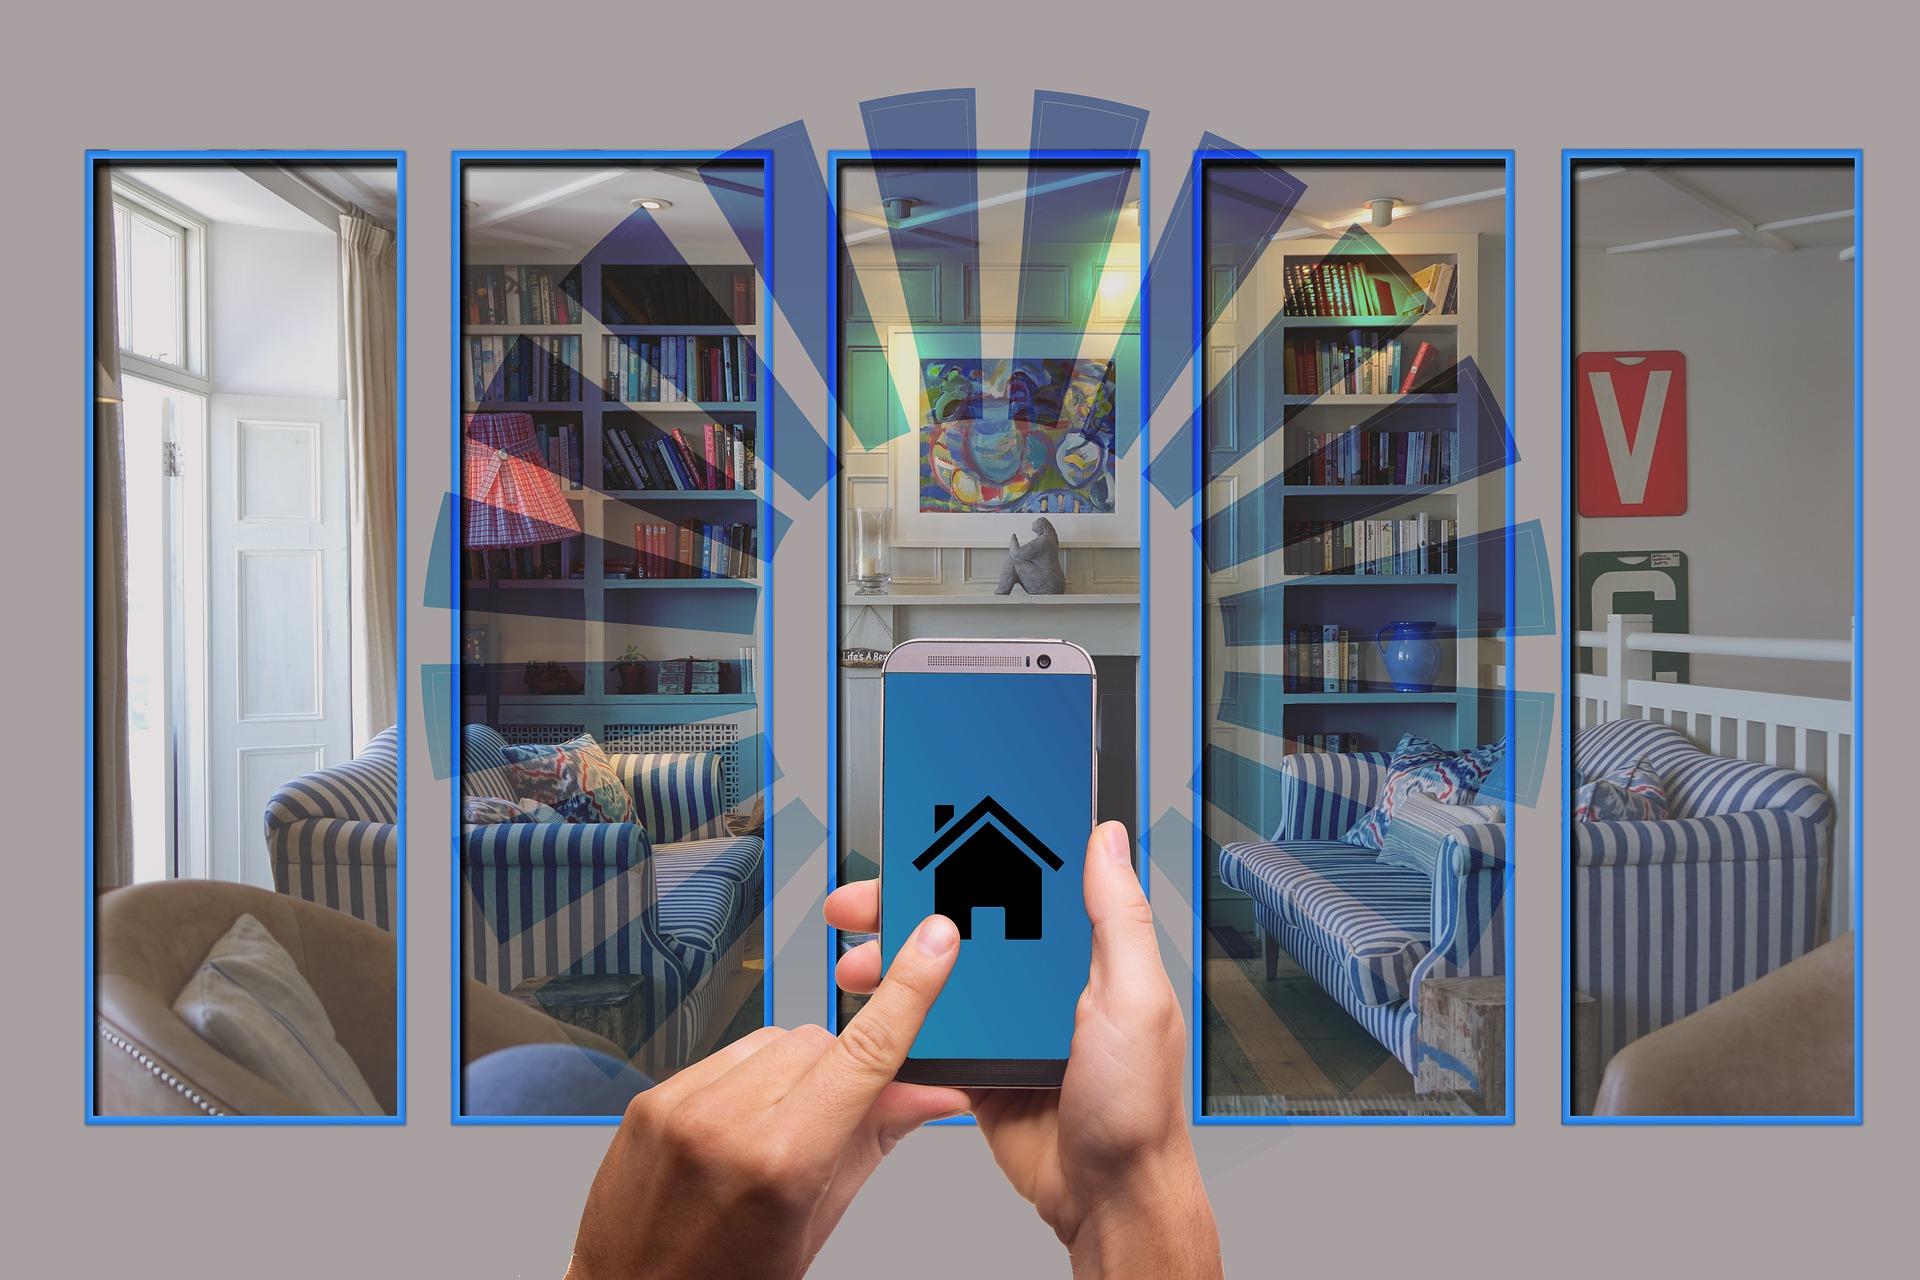 Obrázek: Internet věcí přitahuje pozornost, ale problémy s bezpečností nejde ignorovat